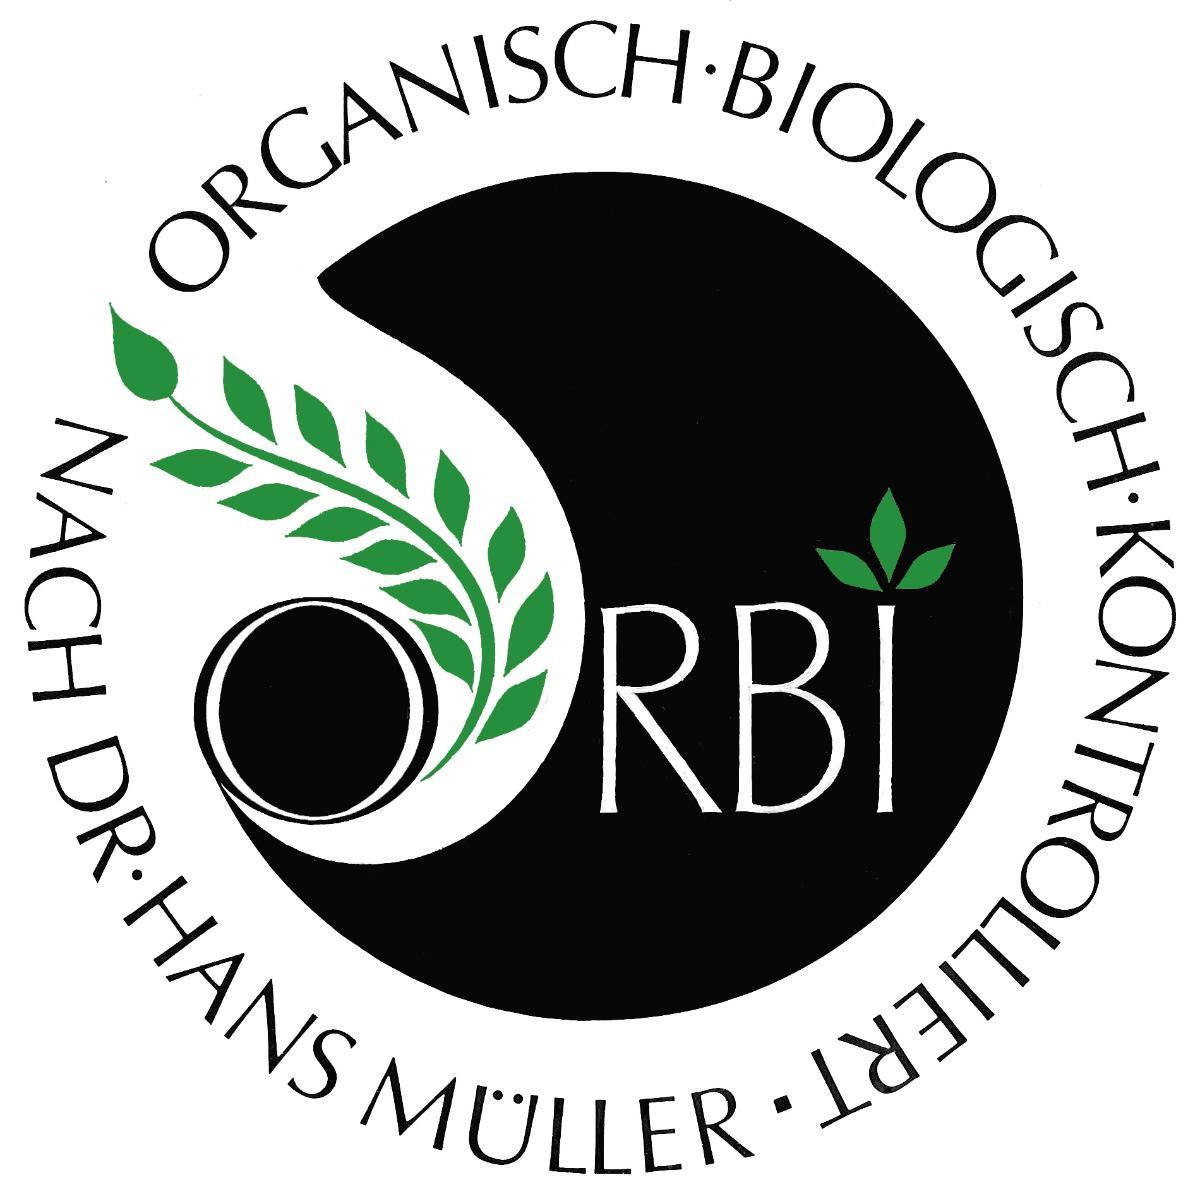 ORBI - Fördergemeinschaft für gesundes Bauerntum